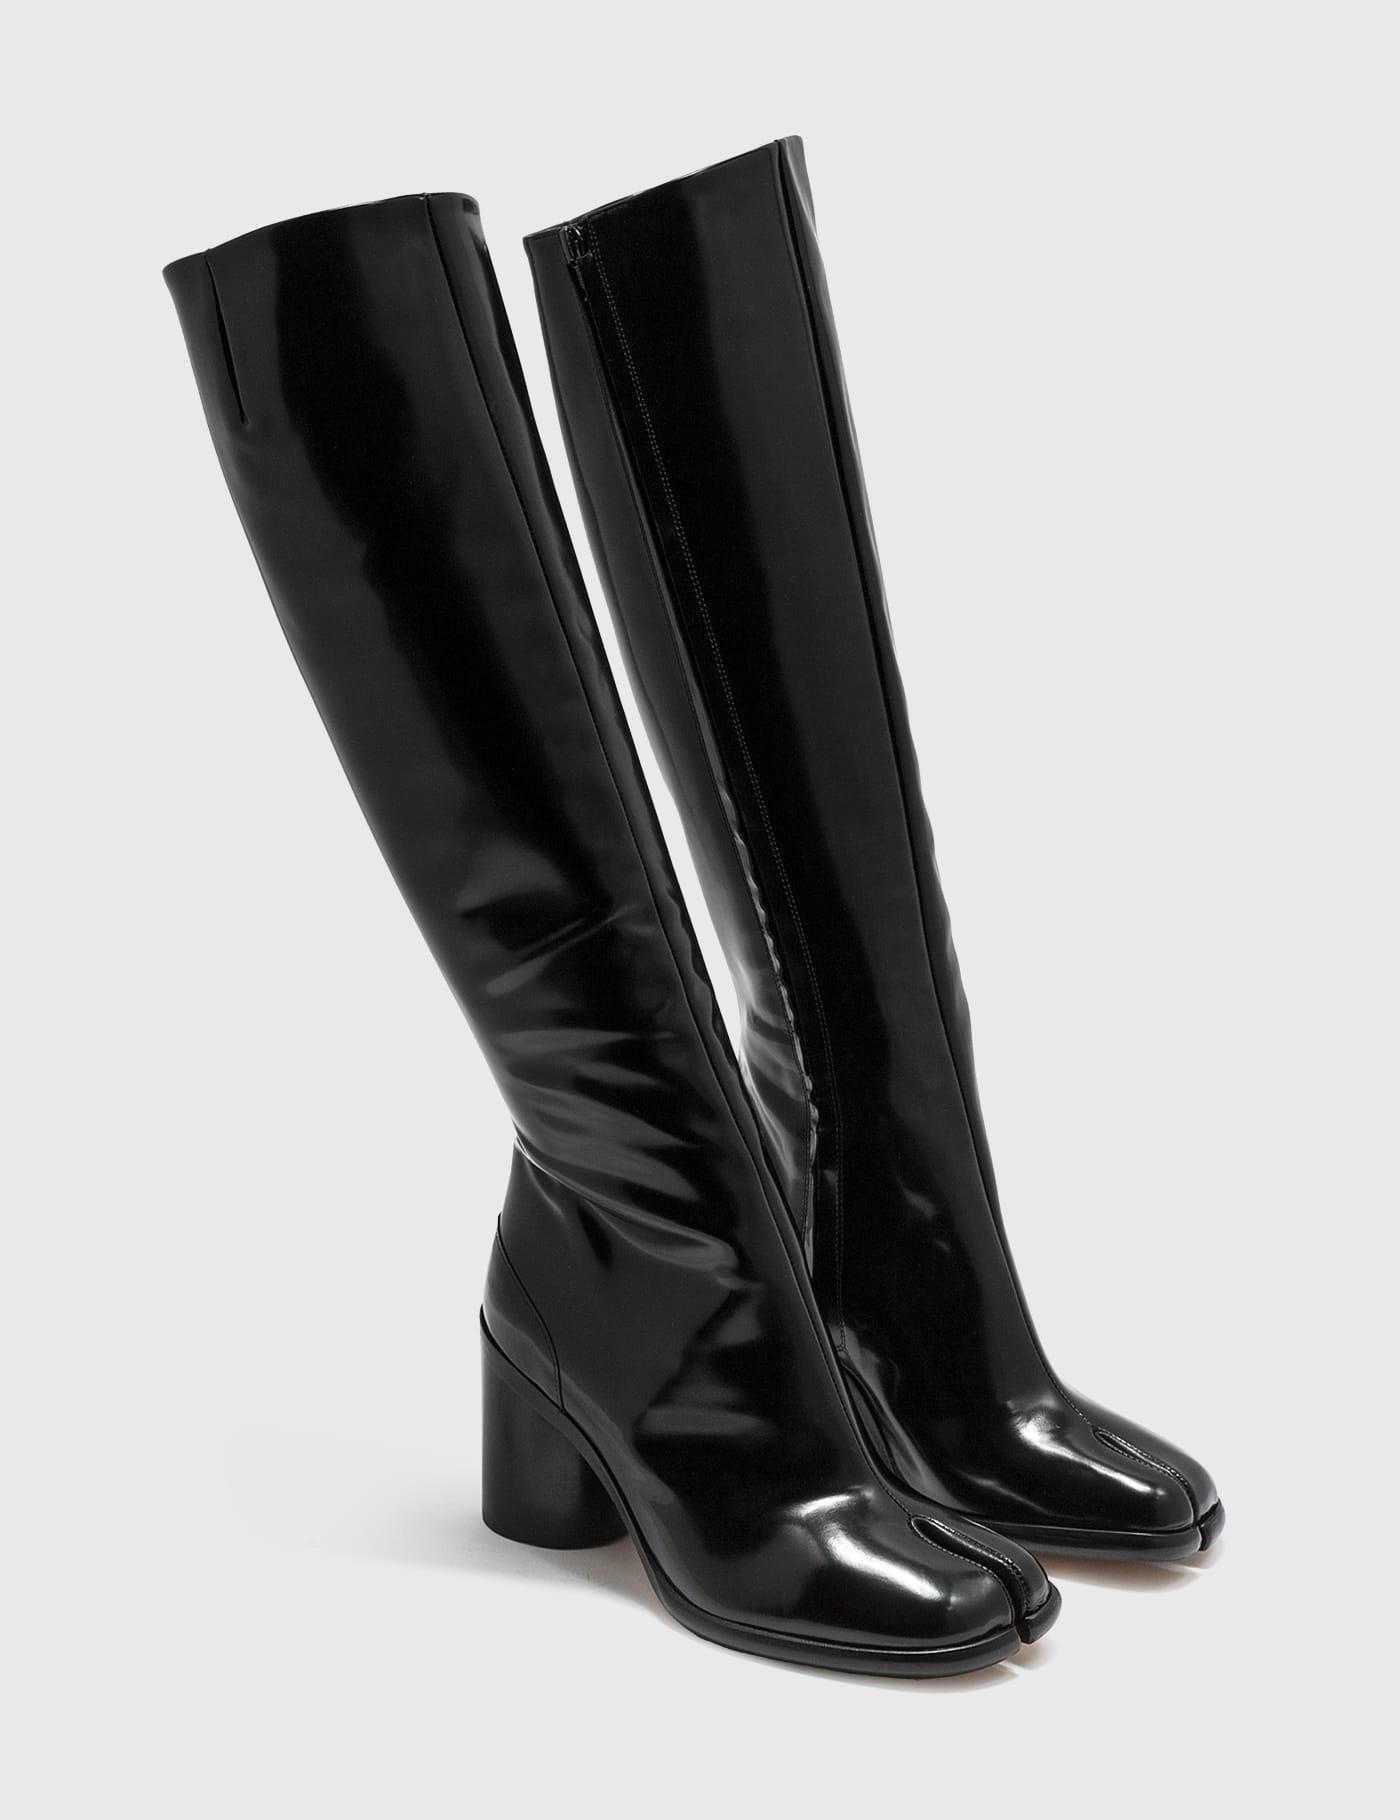 Maison Margiela - Tabi Pull-on knee